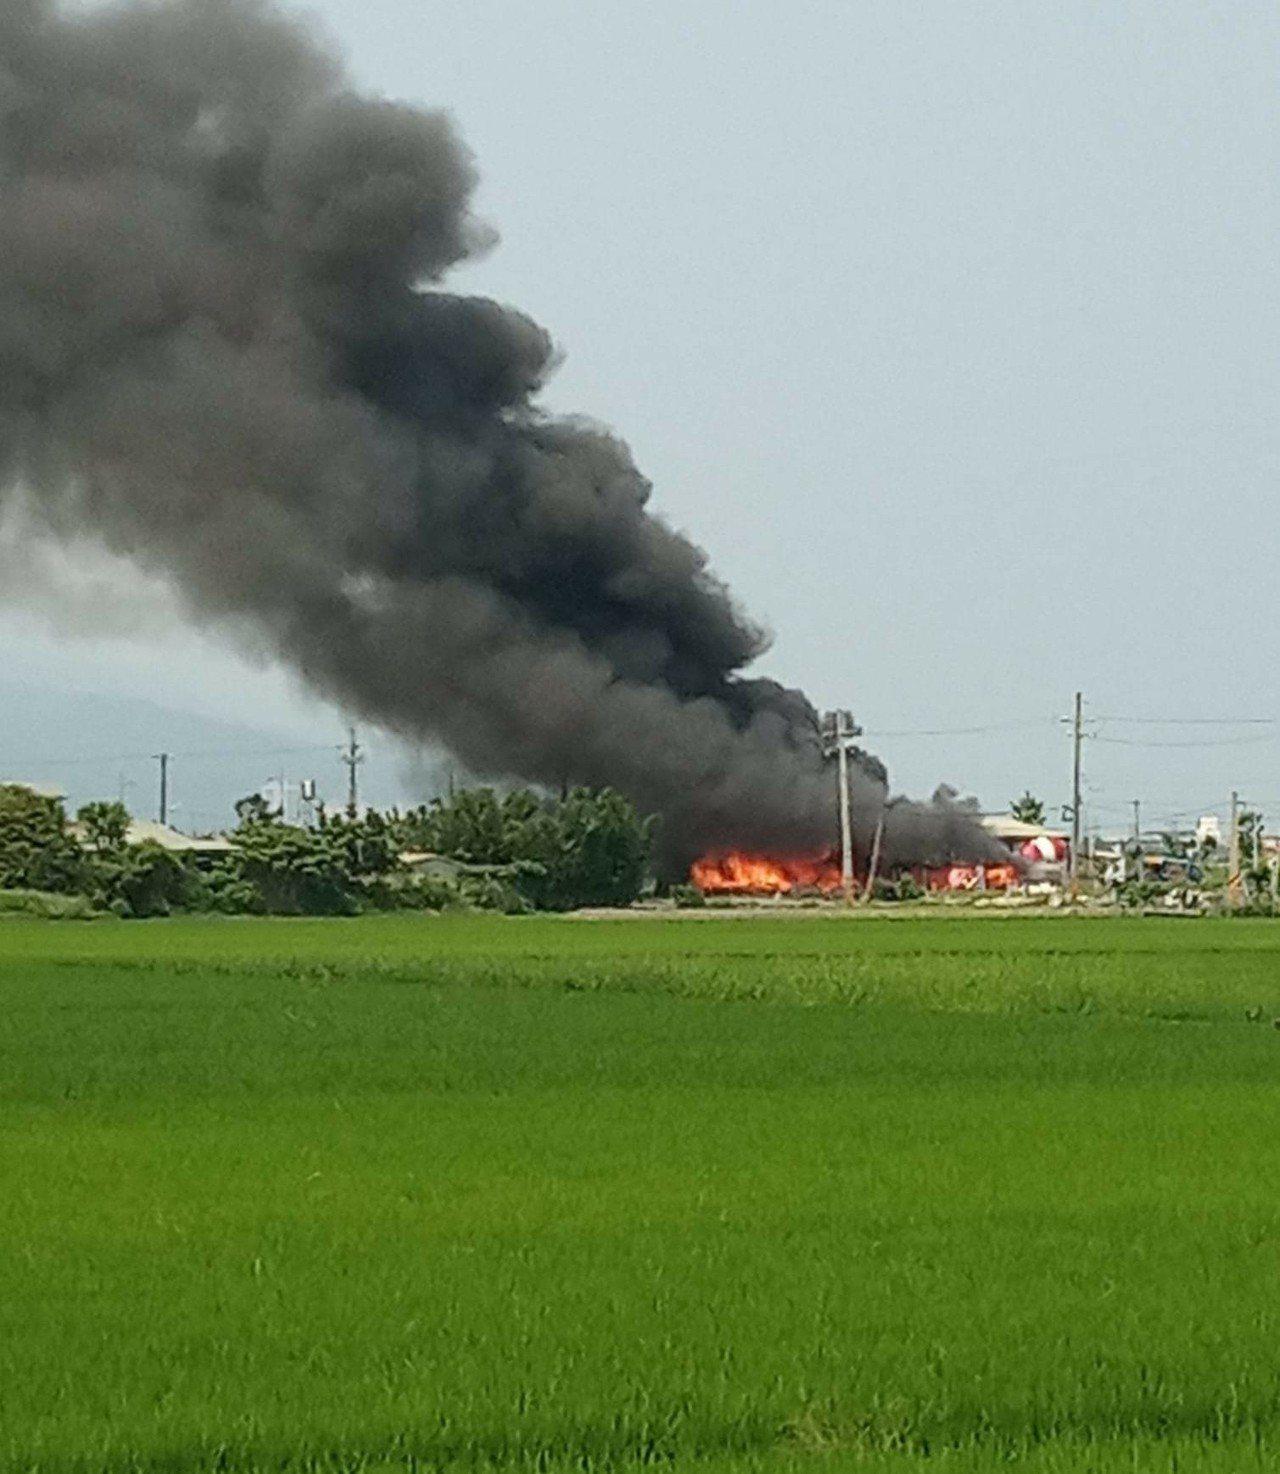 礁溪鄉興農路上有一間廢棄回收廠起火,現場冒出濃濃黑煙。圖/翻攝FB社團宜蘭知識+